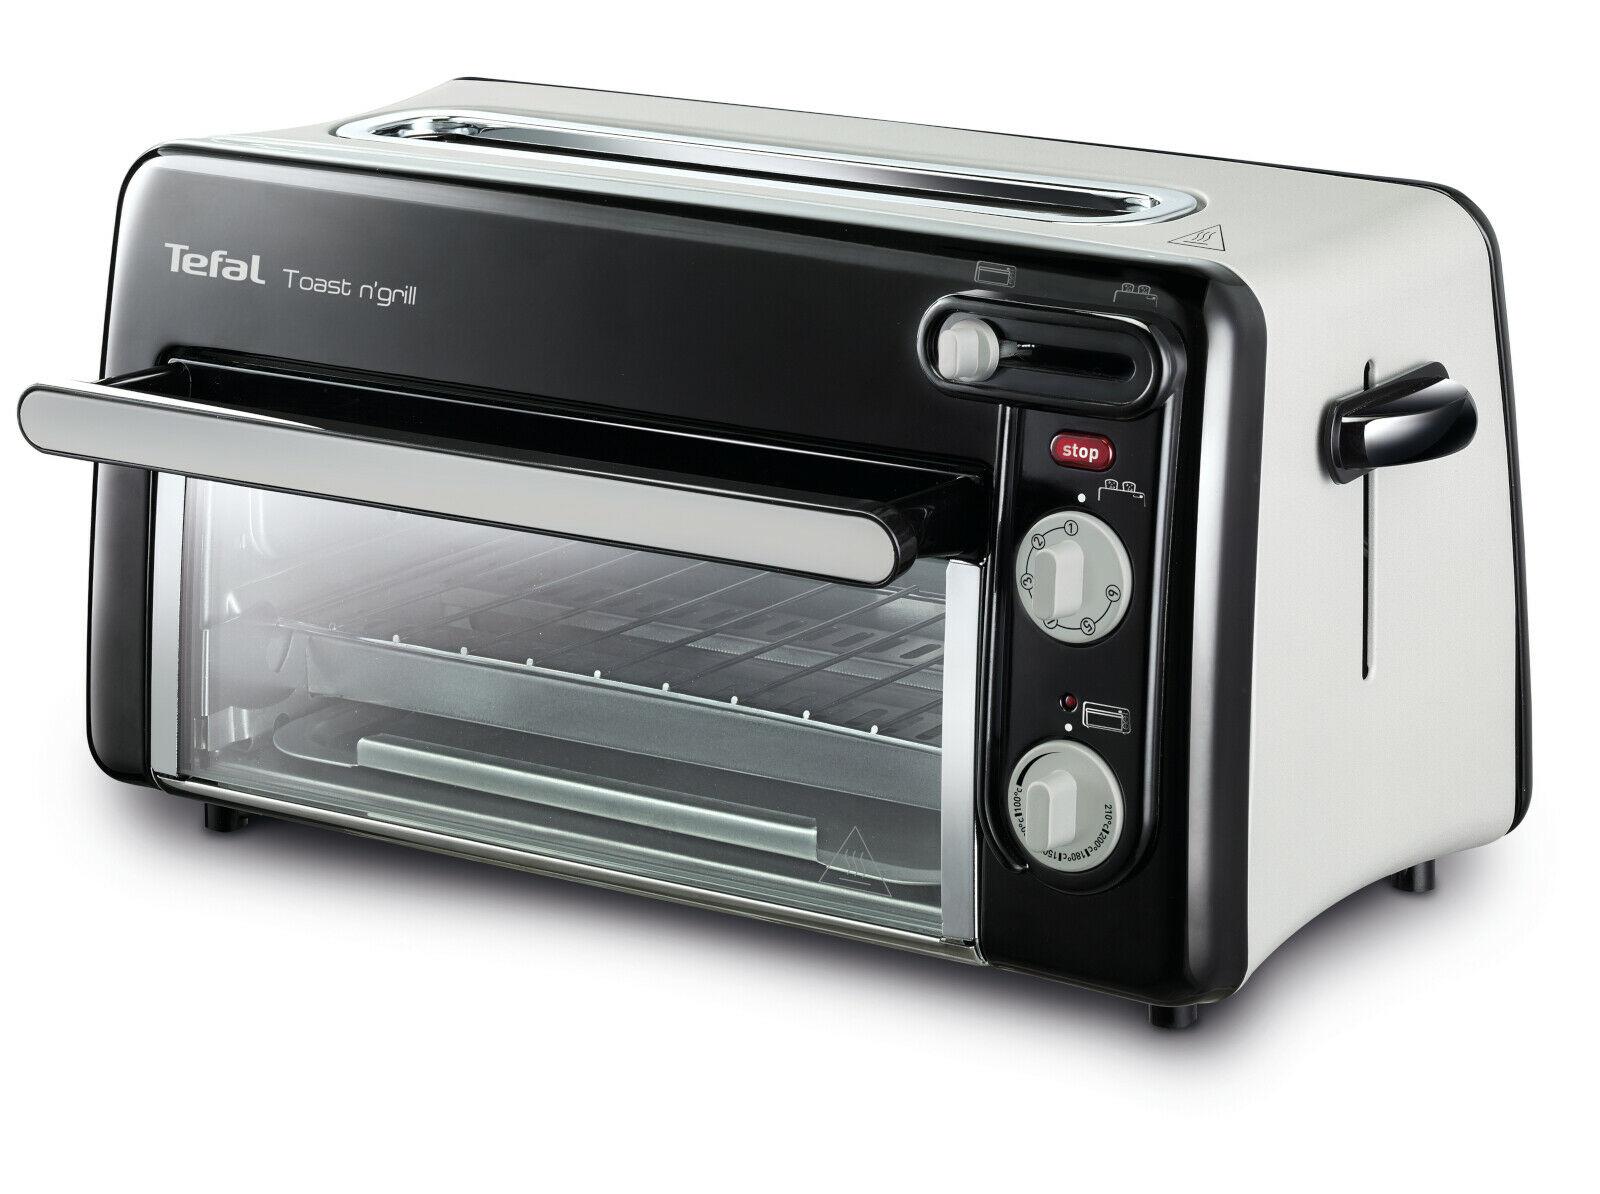 Bild zu Tefal Toast n' Grill TL6008 Tischbackofen für 79,90€ (Vergleich: 89,99€)